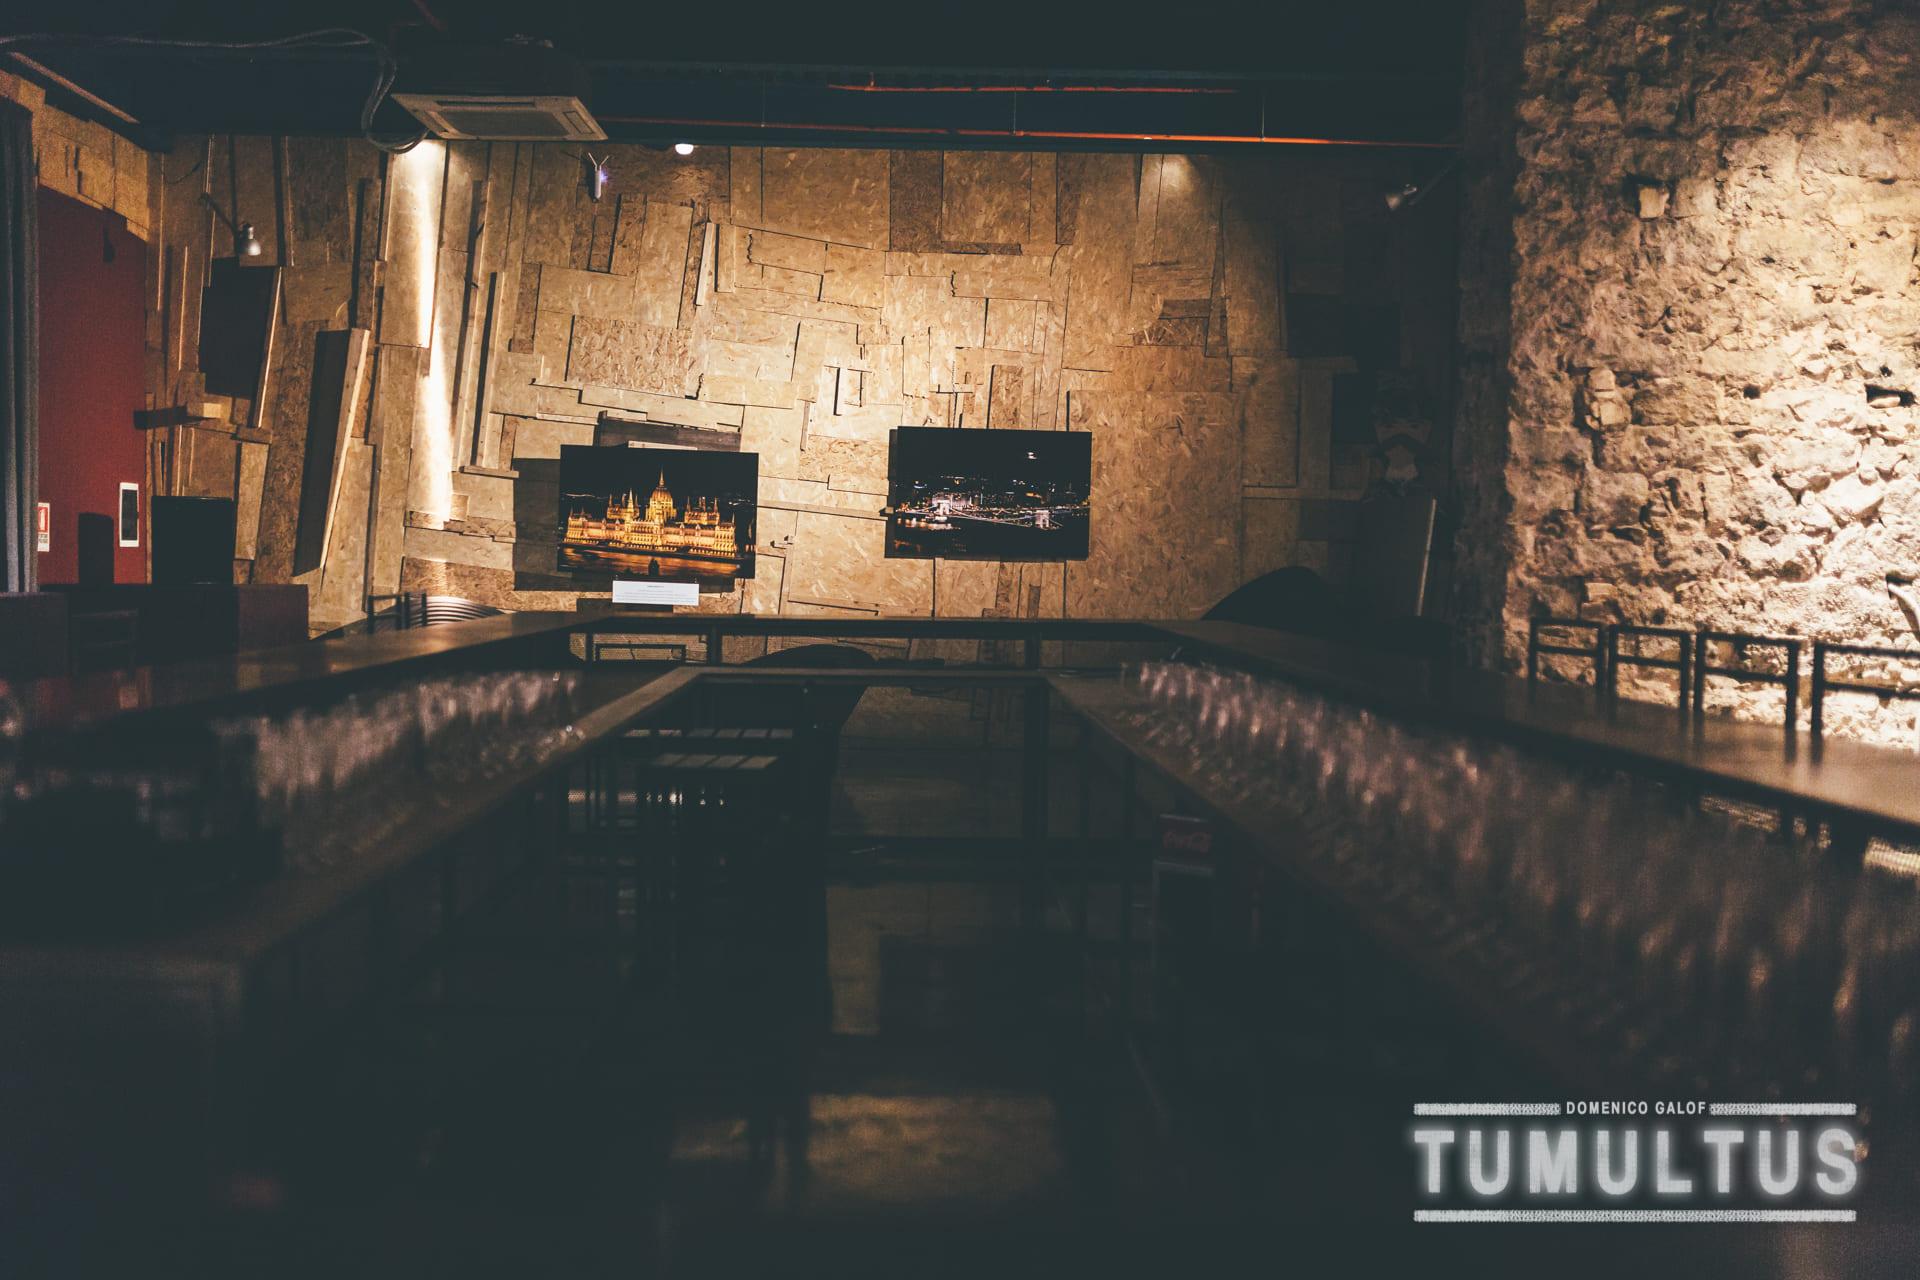 L'Origine di Tumultus (11)